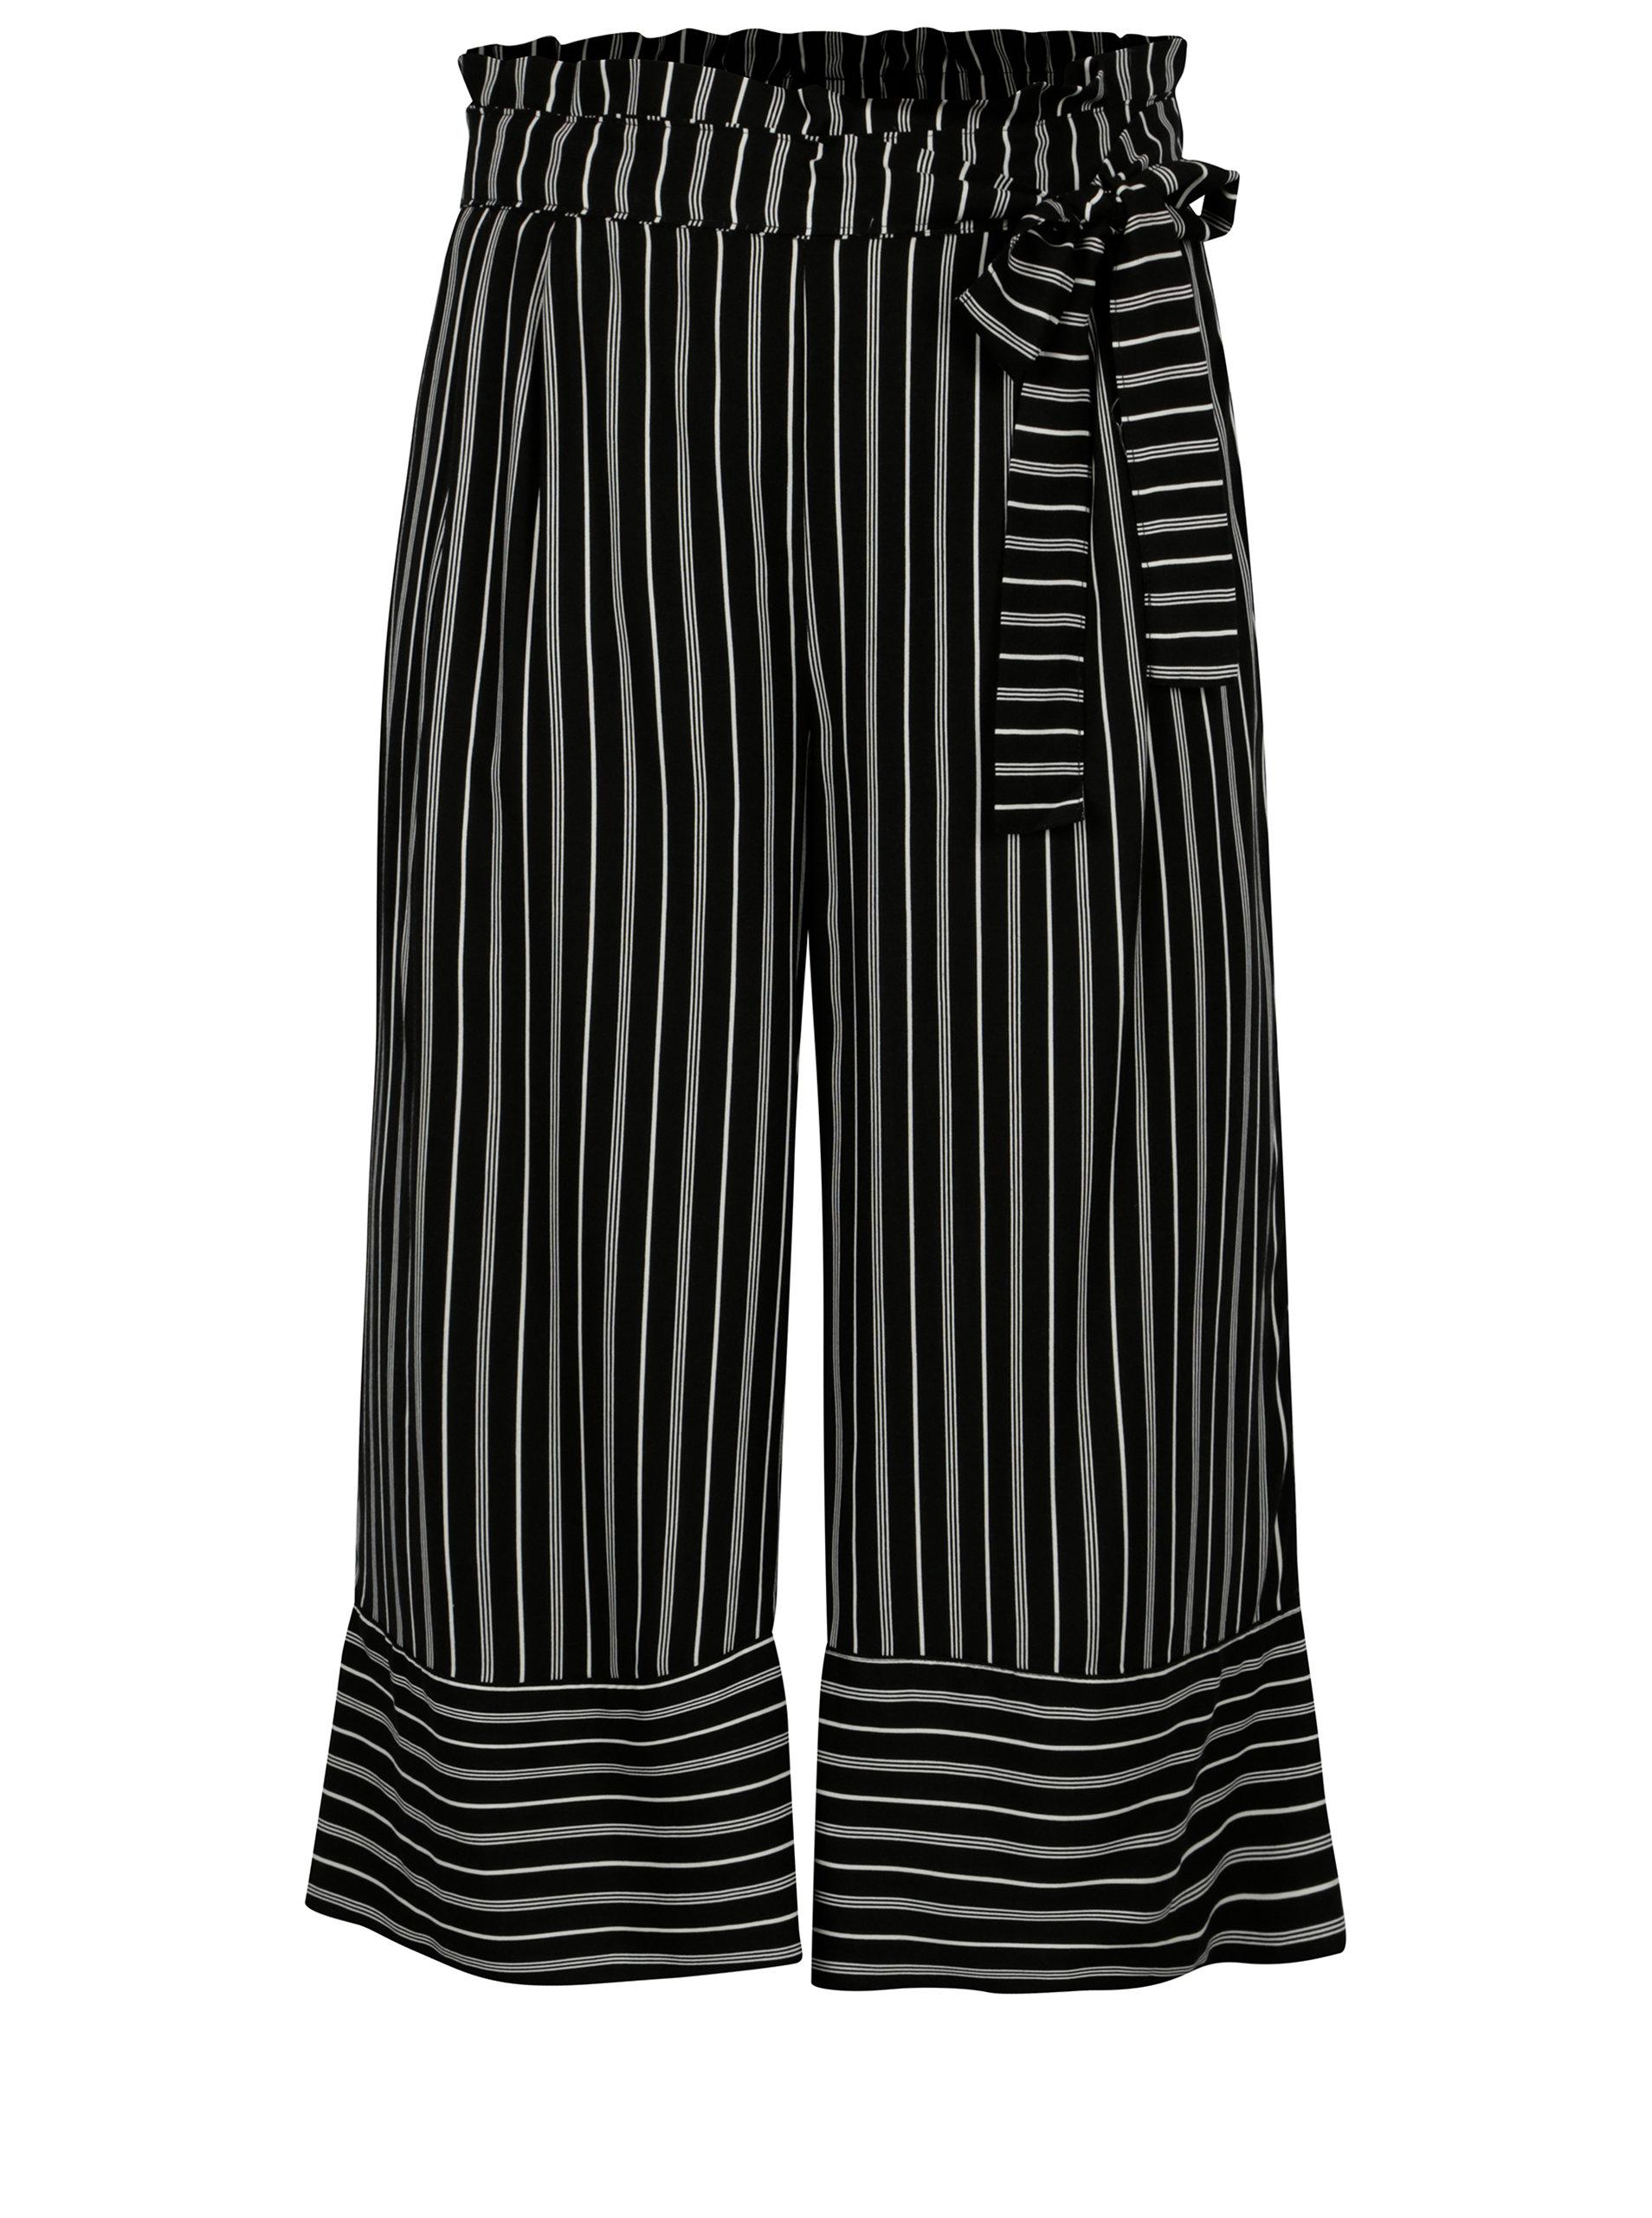 Bílo-černé pruhované culottes s vysokým pasem Jacqueline de Yong Cilja ... 19d14d2148